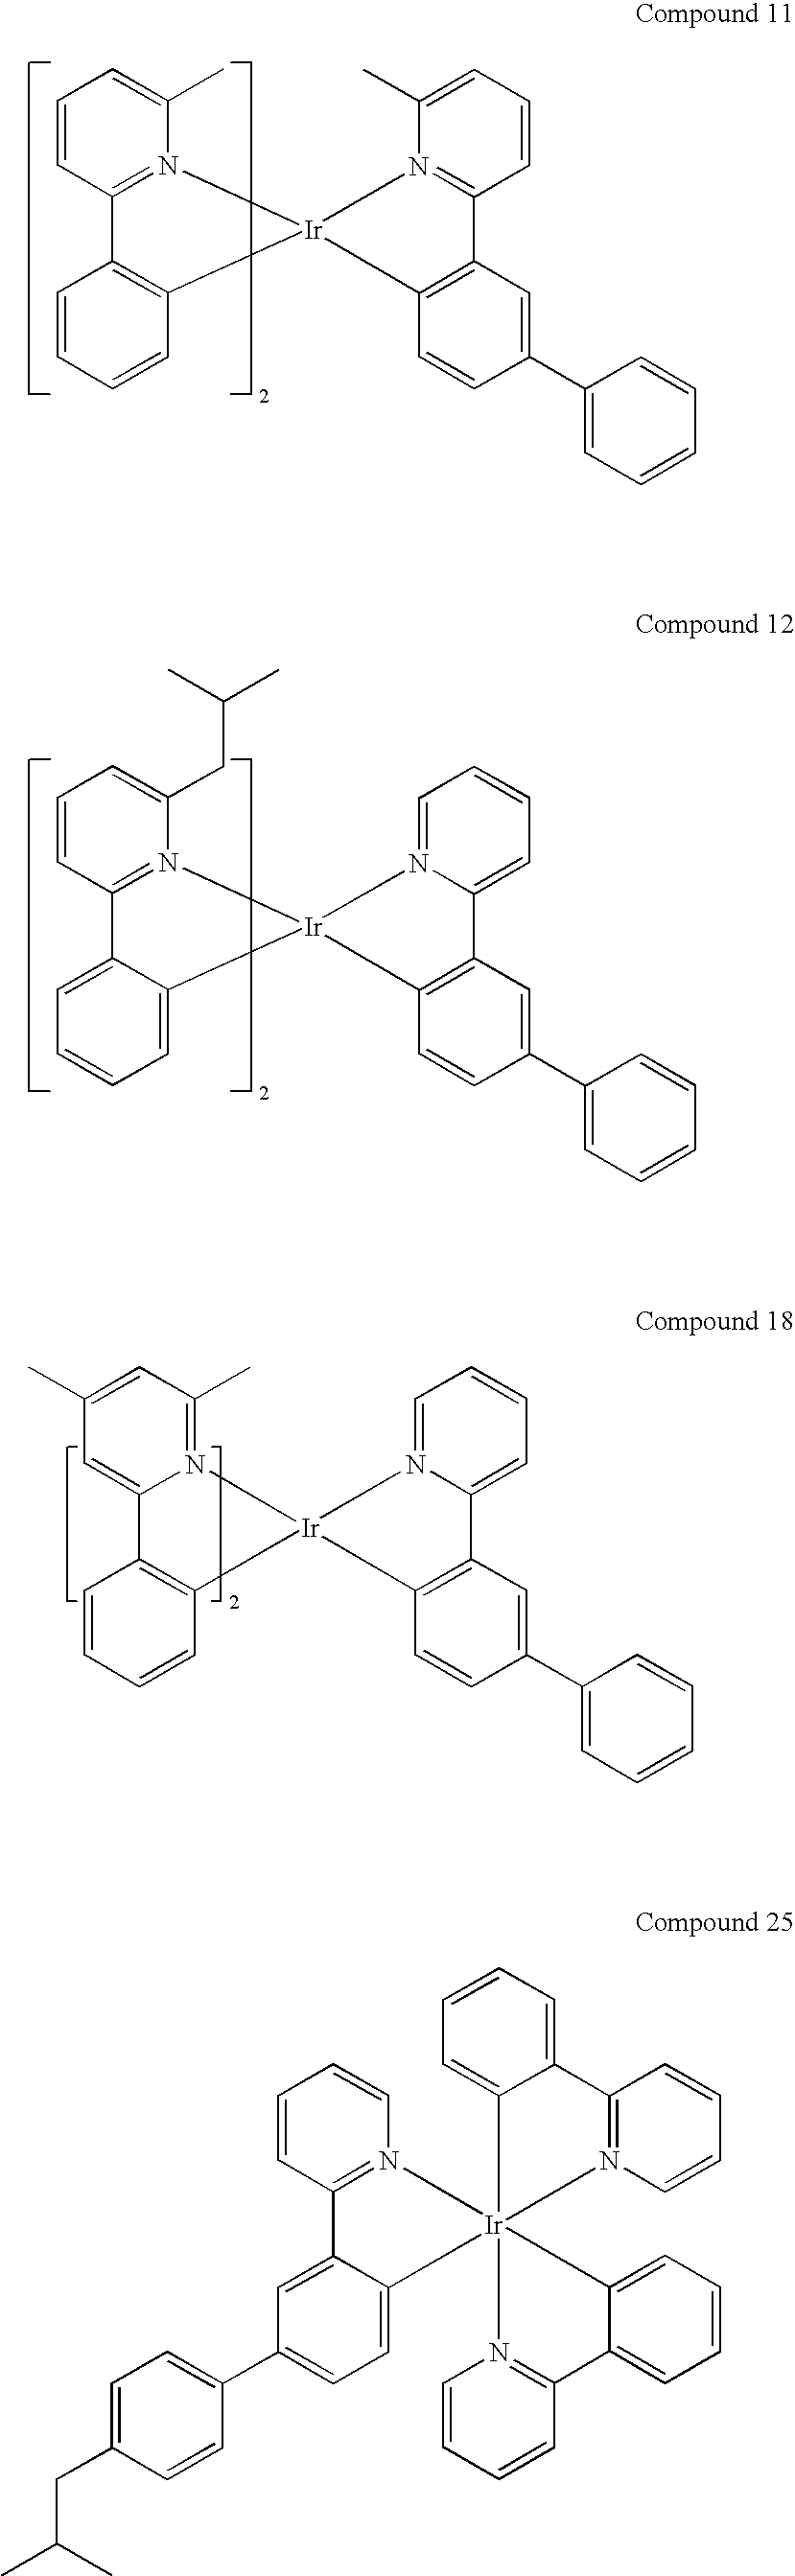 Figure US20090108737A1-20090430-C00207